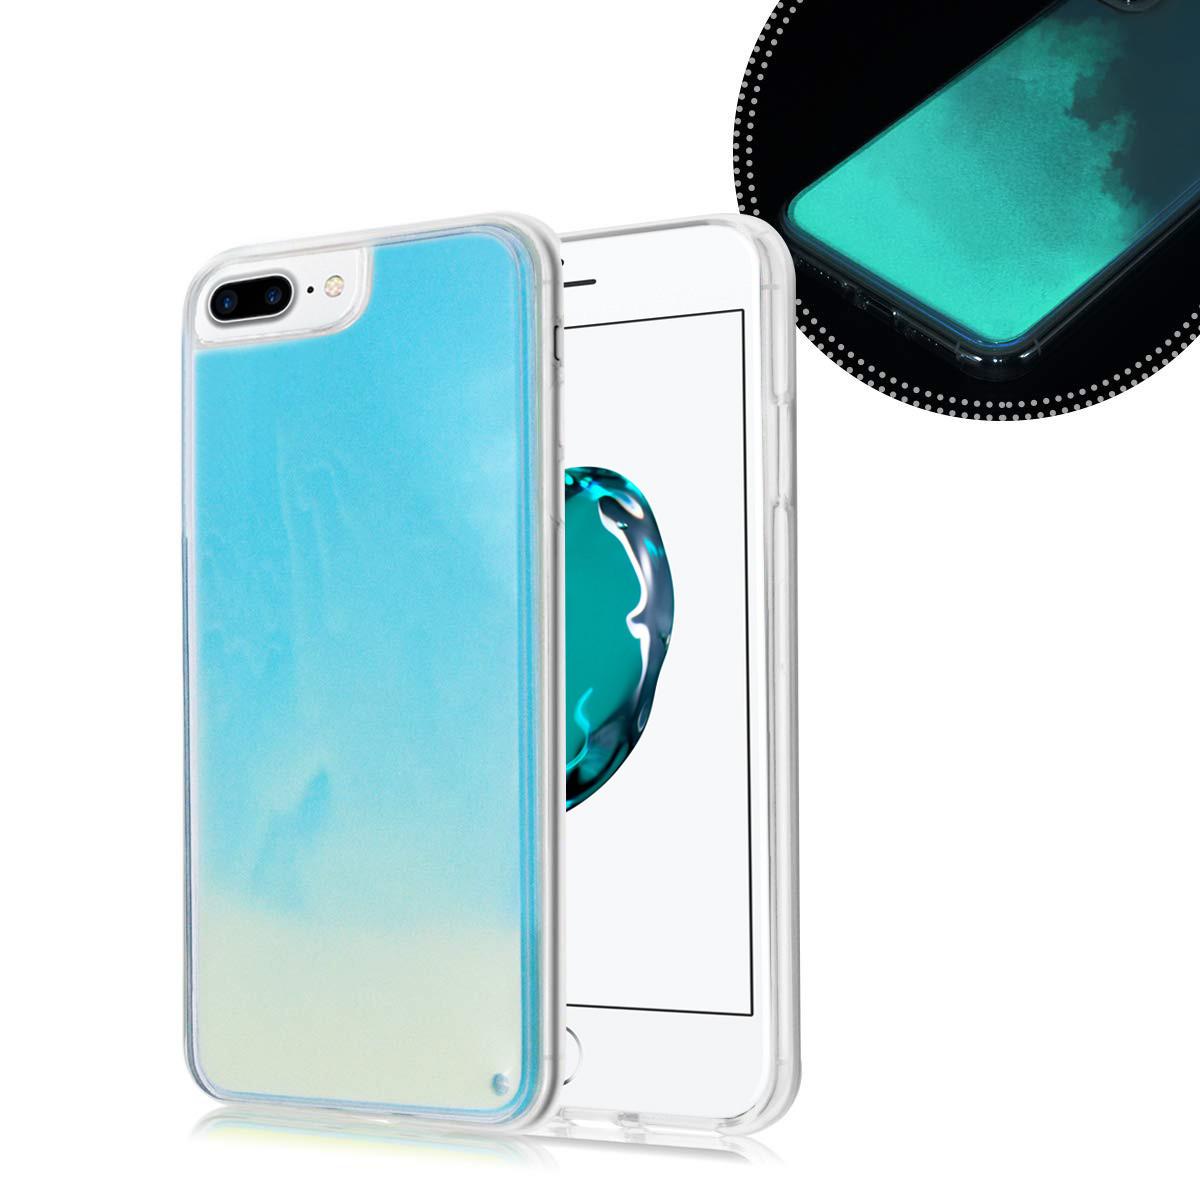 Чехол  накладка xCase для iPhone 7 Plus/8 Plus Neon Case sky blue